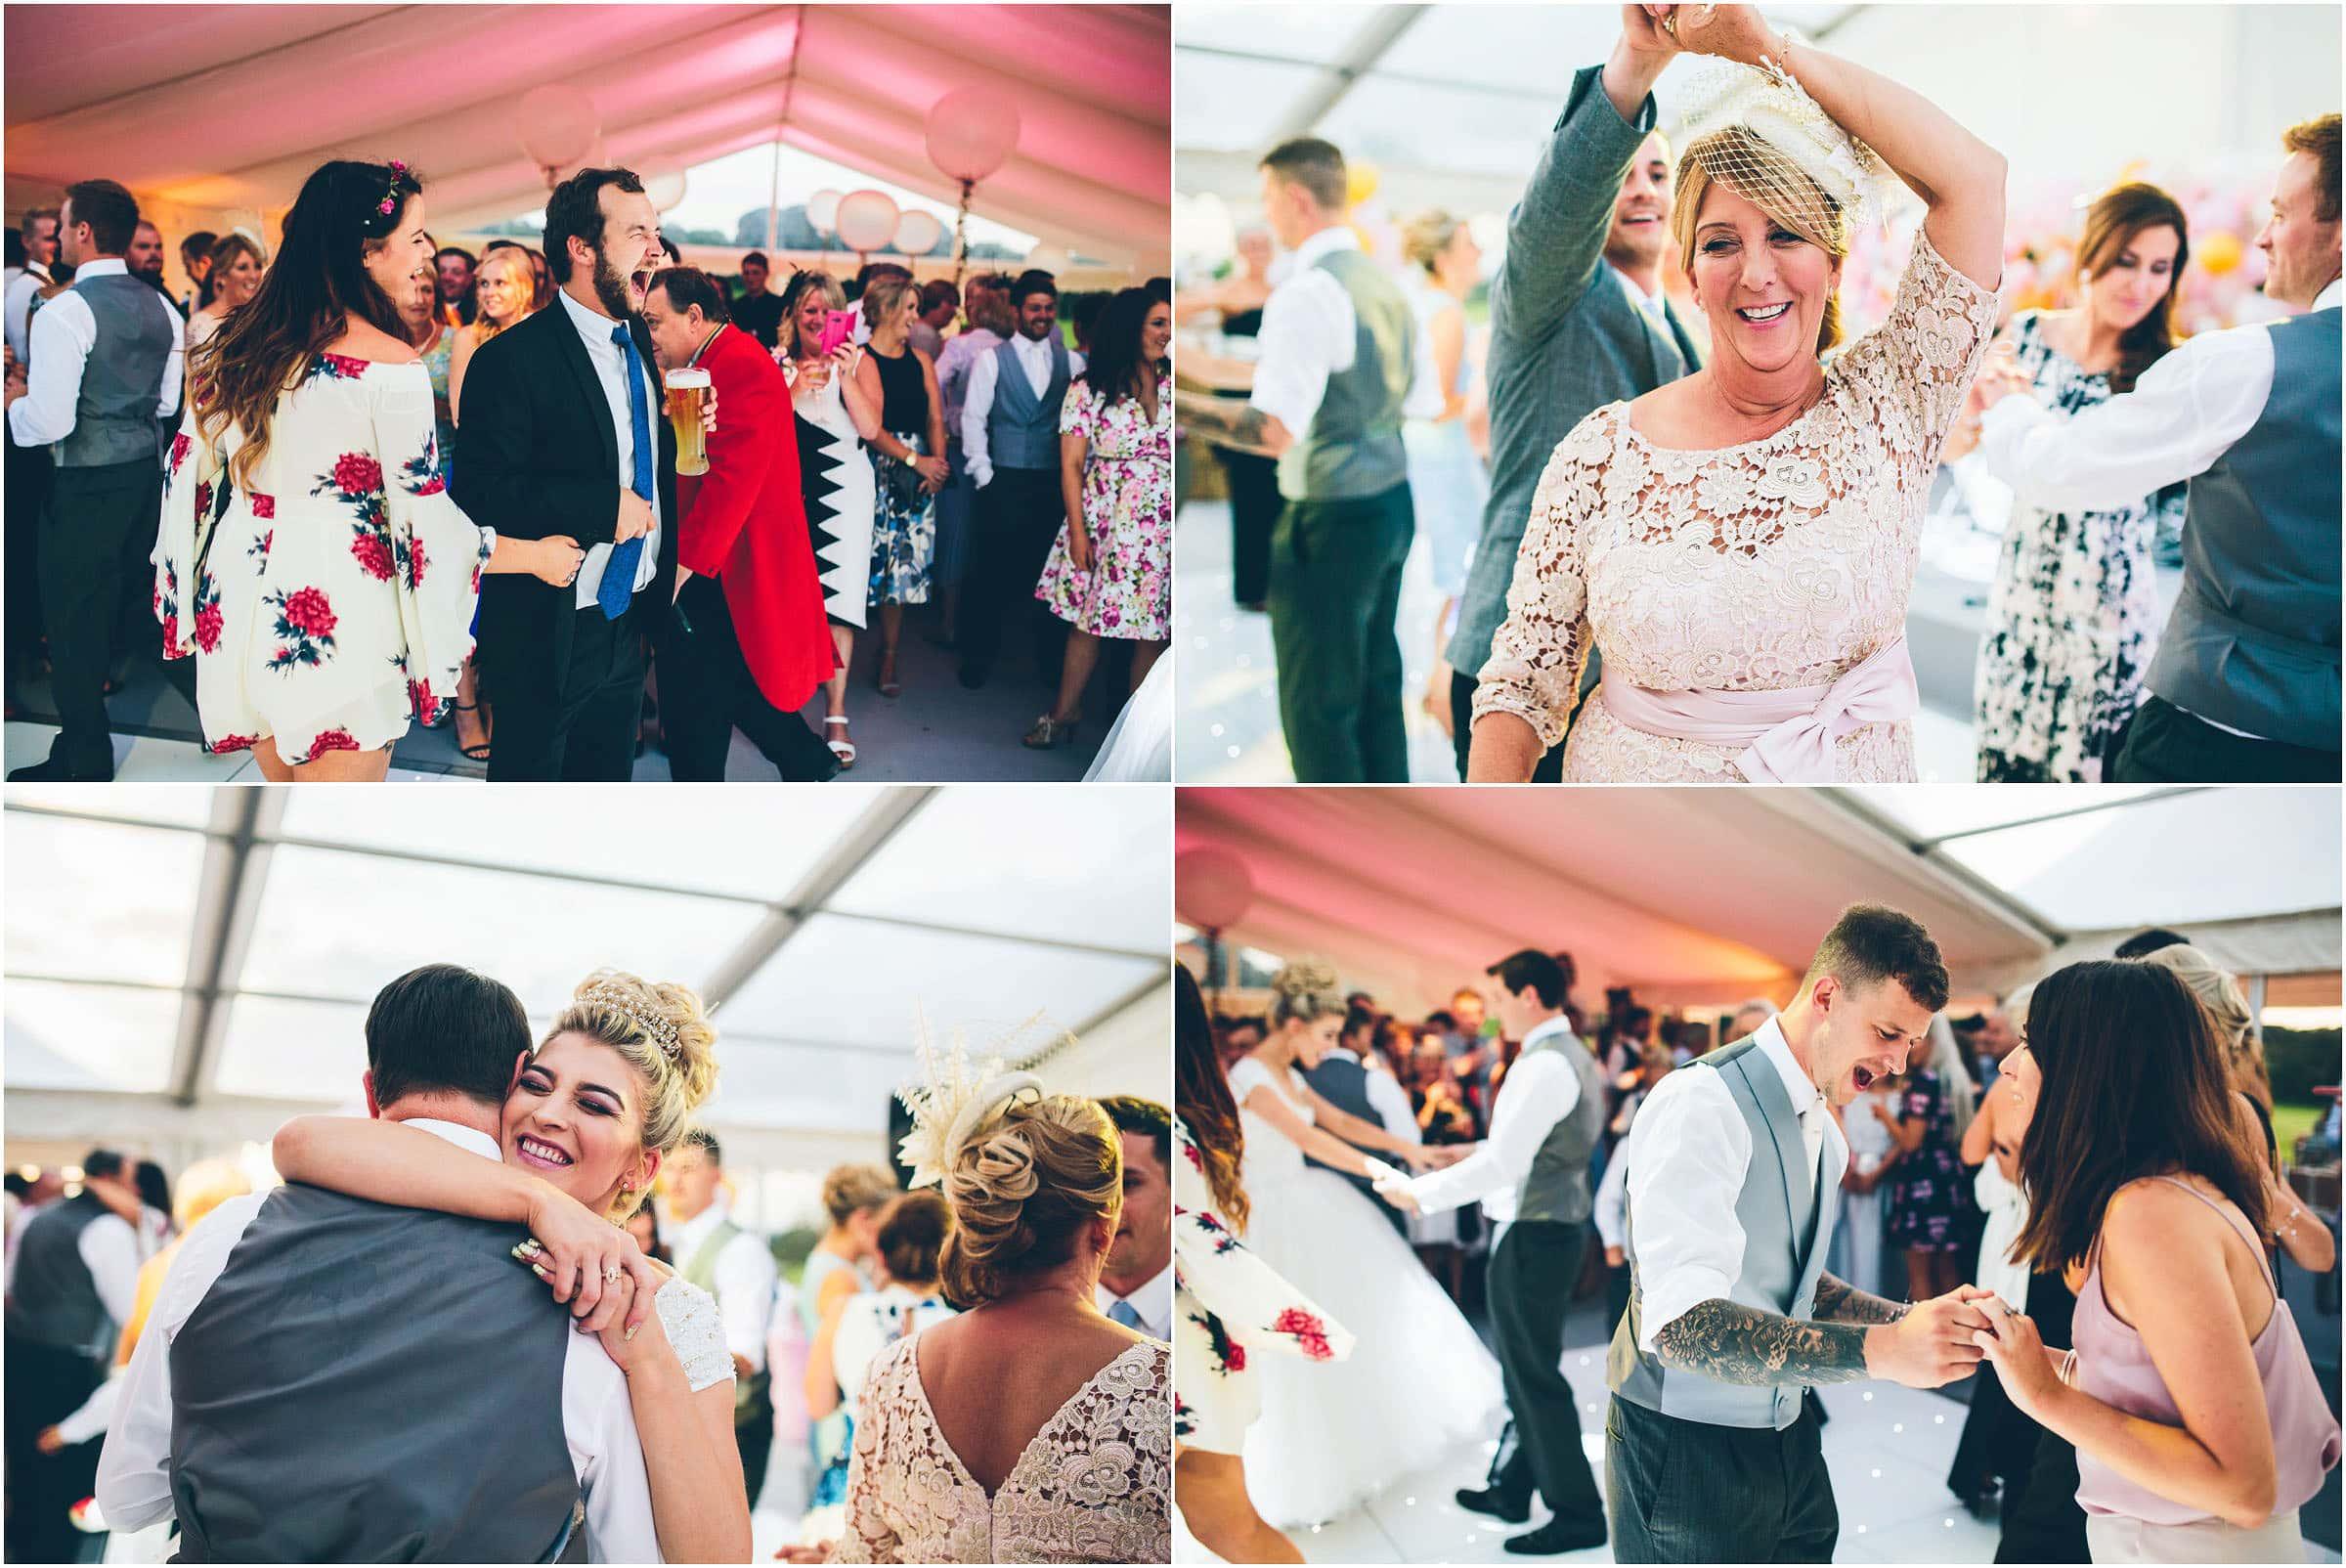 shropshire_wedding_photography_0145